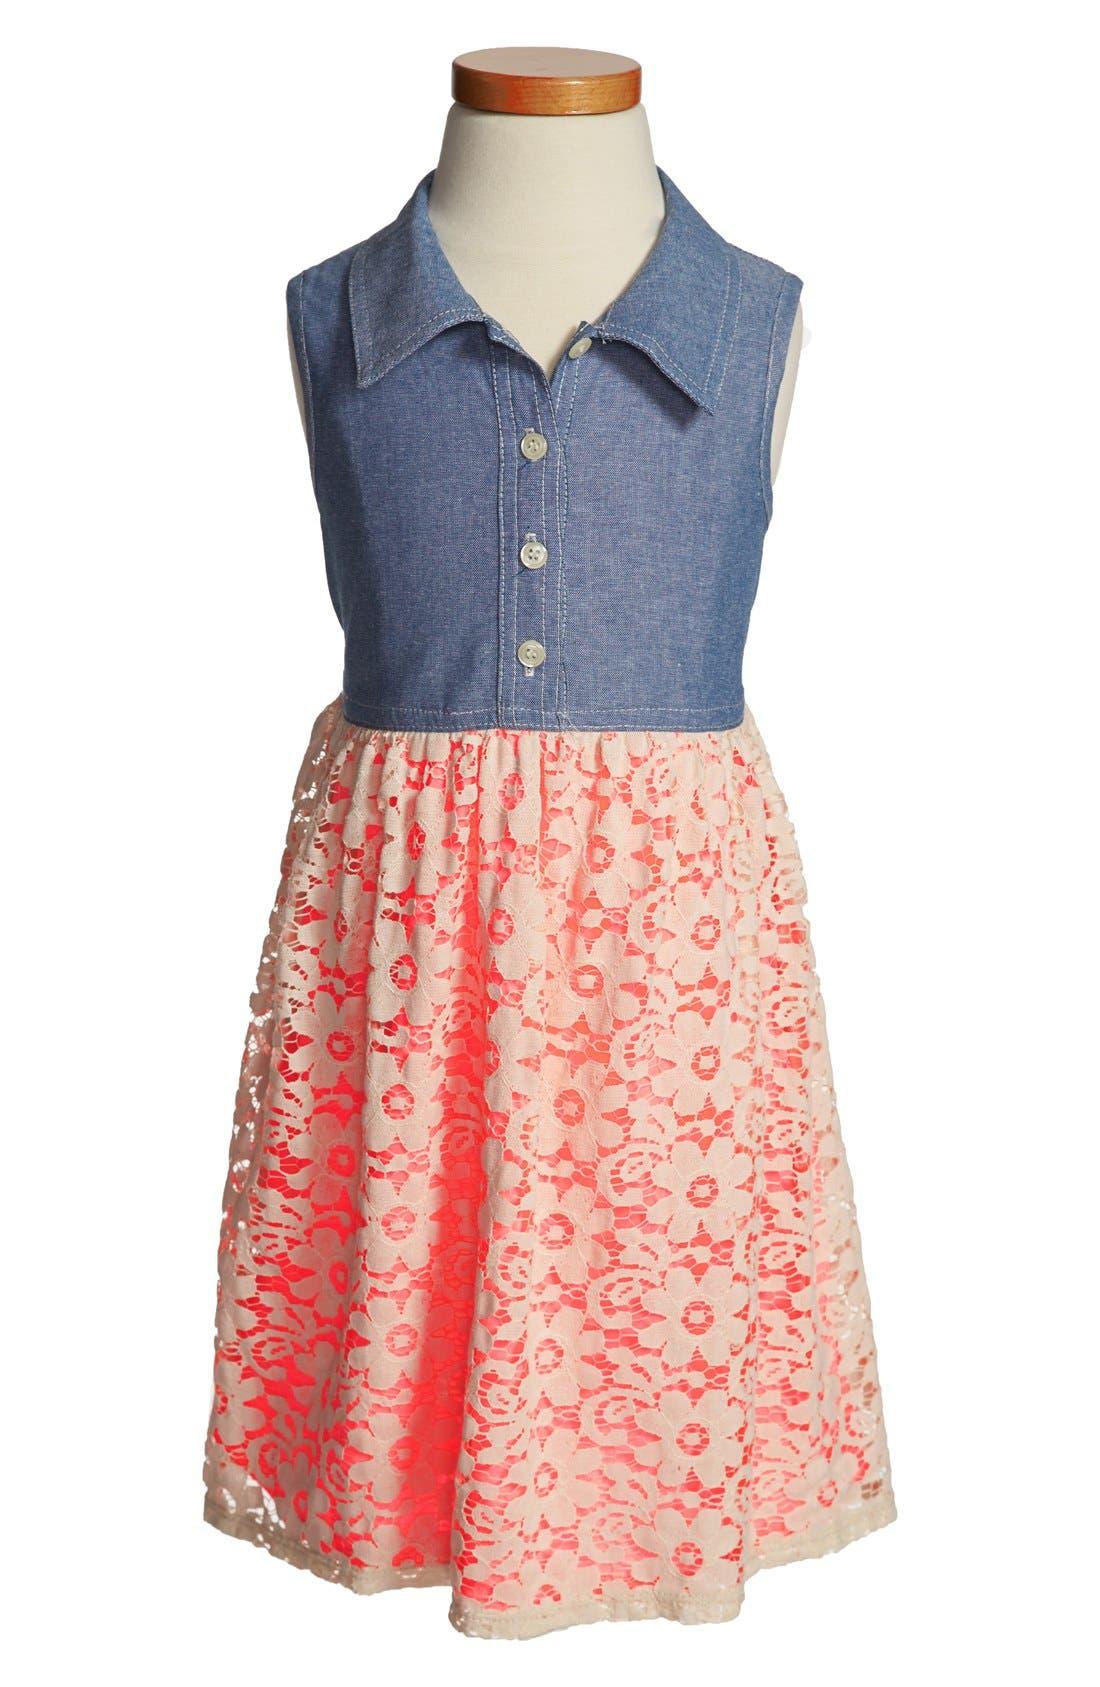 Main Image - Zunie Chambray & Lace Dress (Little Girls & Big Girls)